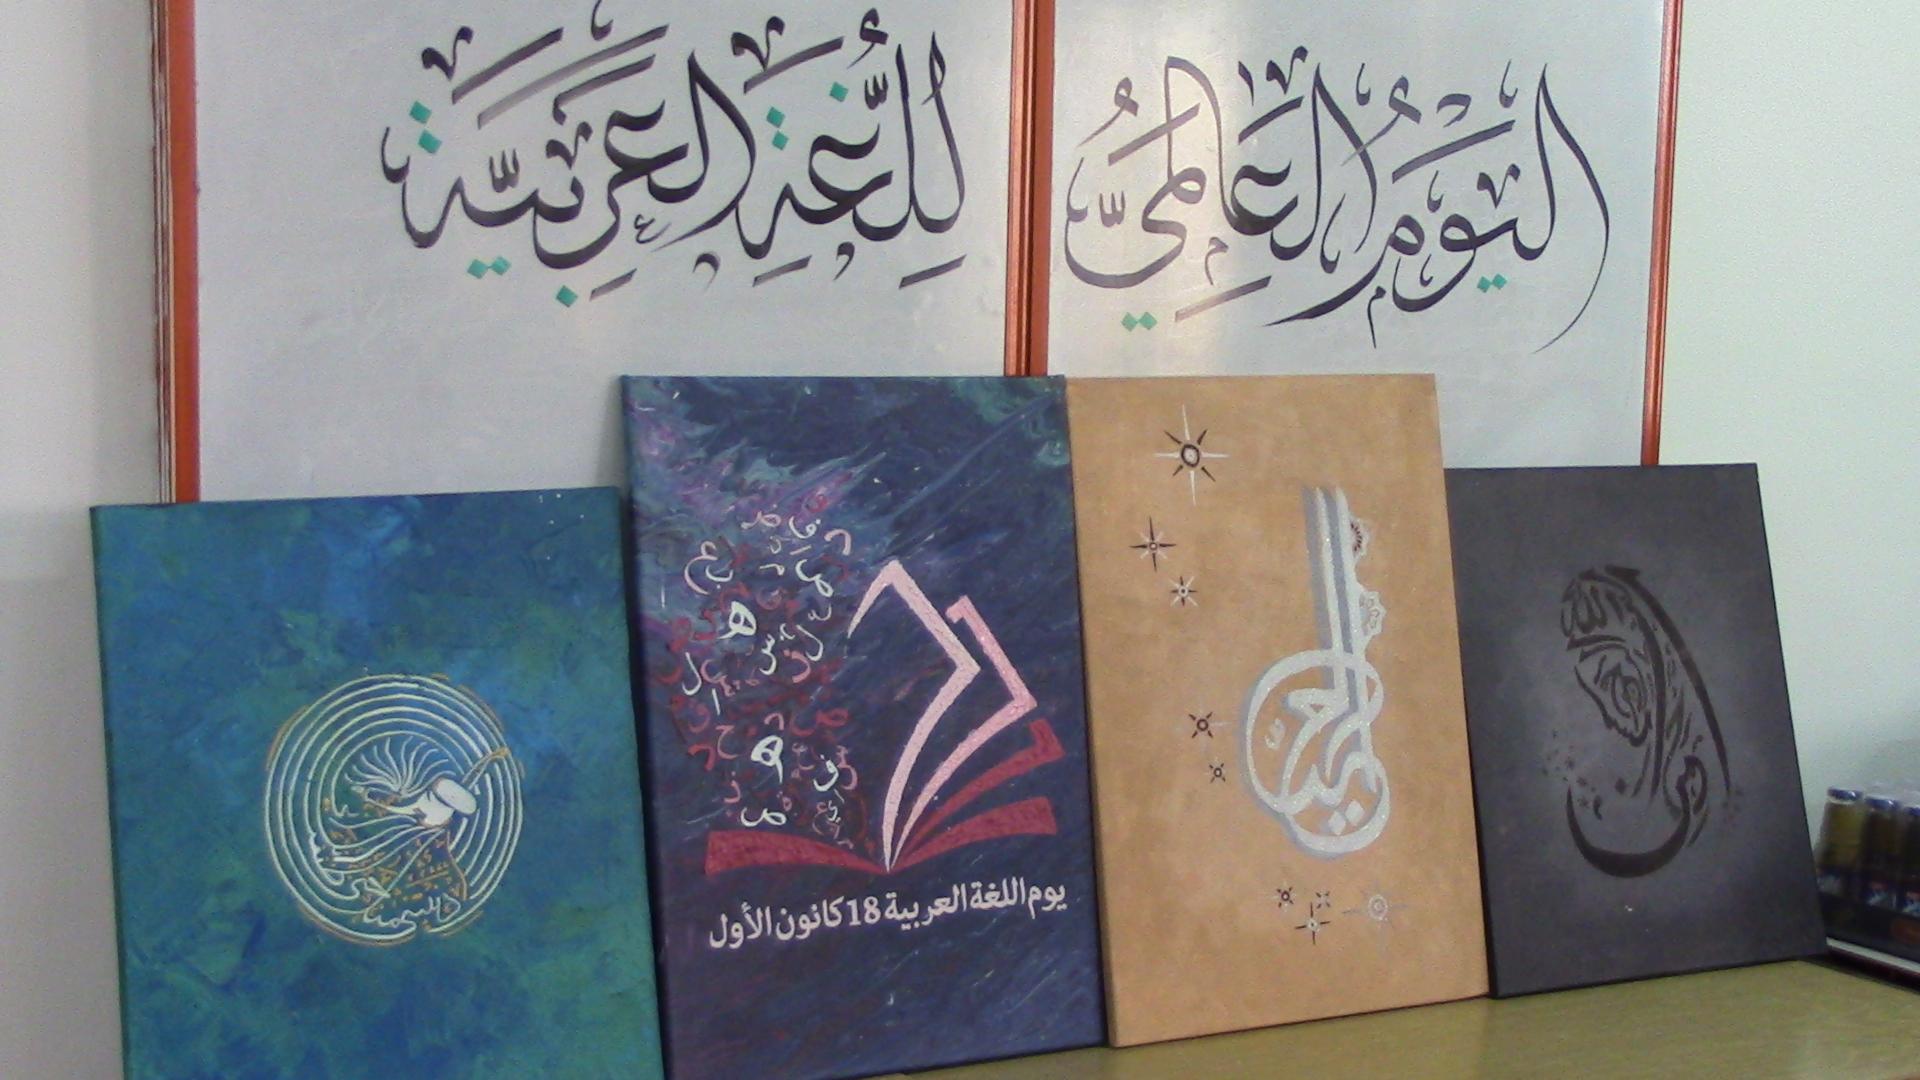 فيلادلفيا تحتفي باليوم العالمي للغة العربية